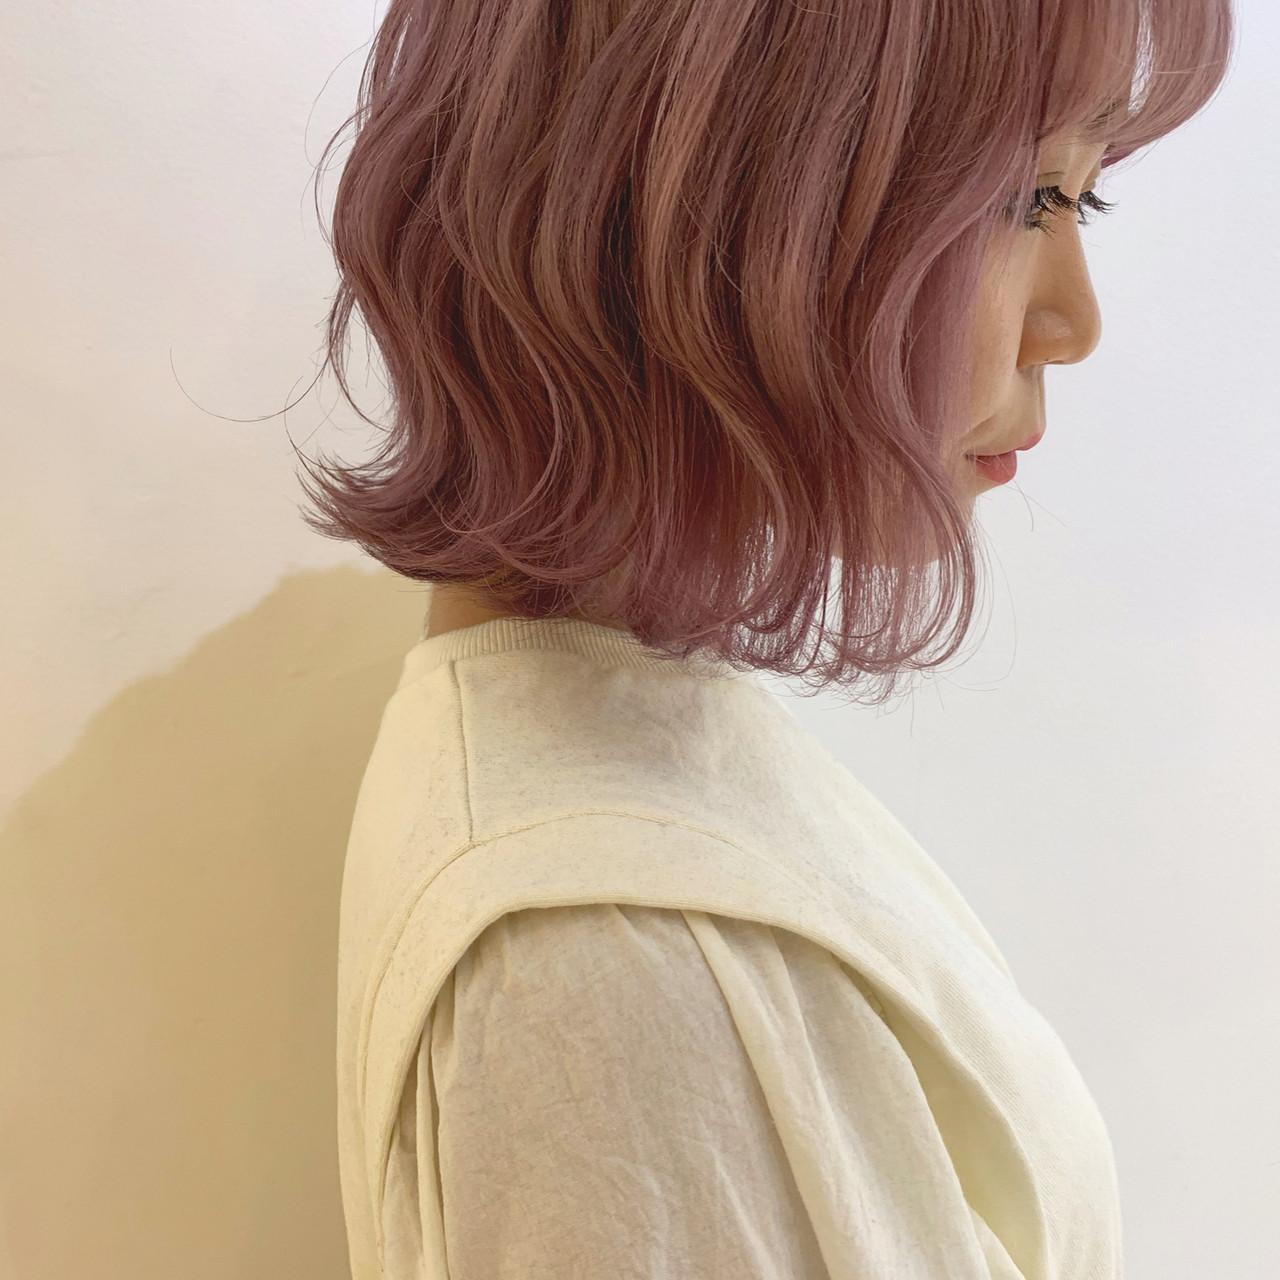 ピンクベージュ ハイトーンカラー フェミニン ボブ ヘアスタイルや髪型の写真・画像 | 倉林 洋美 / GOOD DAY HAIR